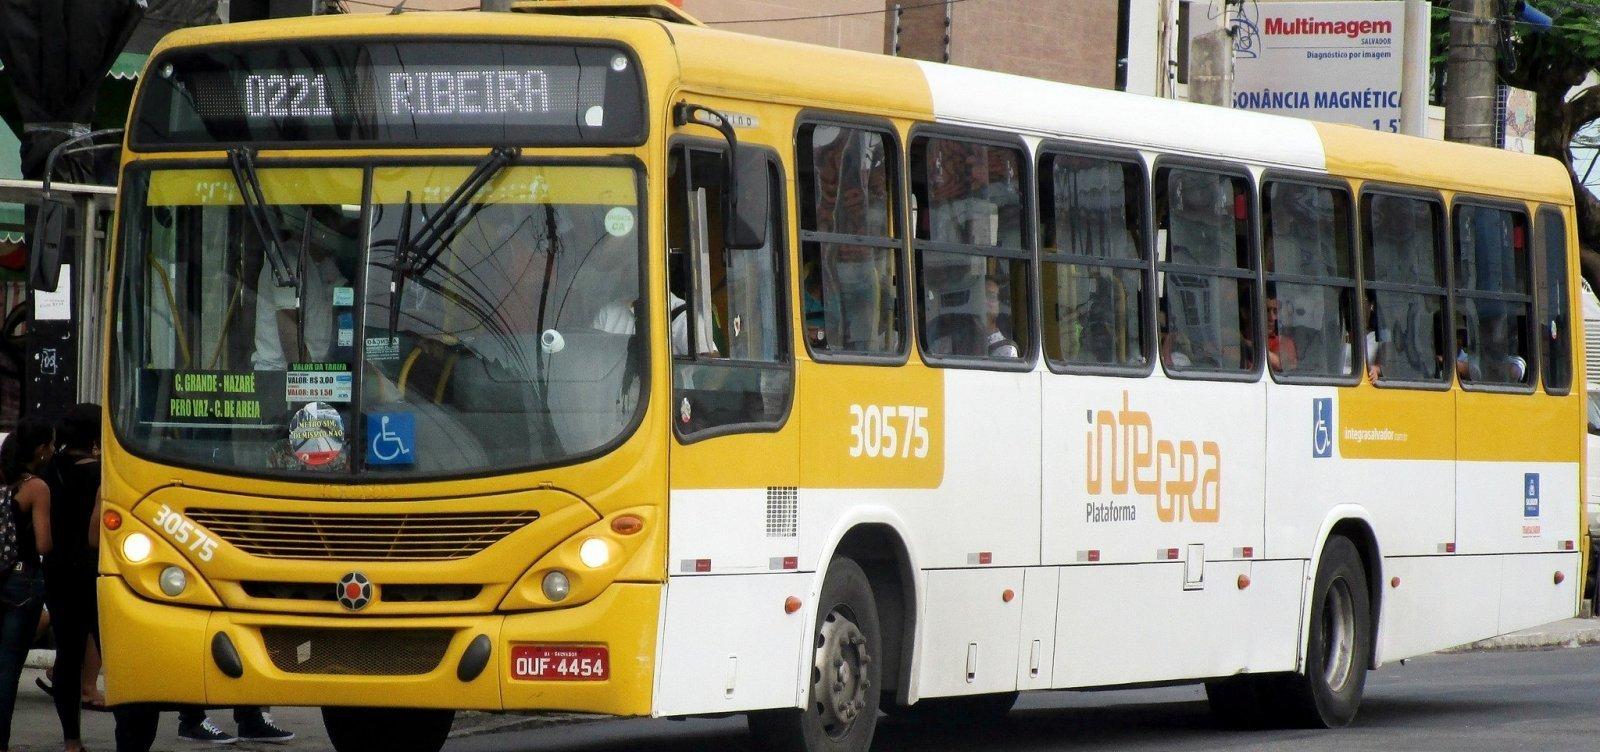 [Trânsito e transporte serão reforçados durante concurso da Prefeitura neste domingo]